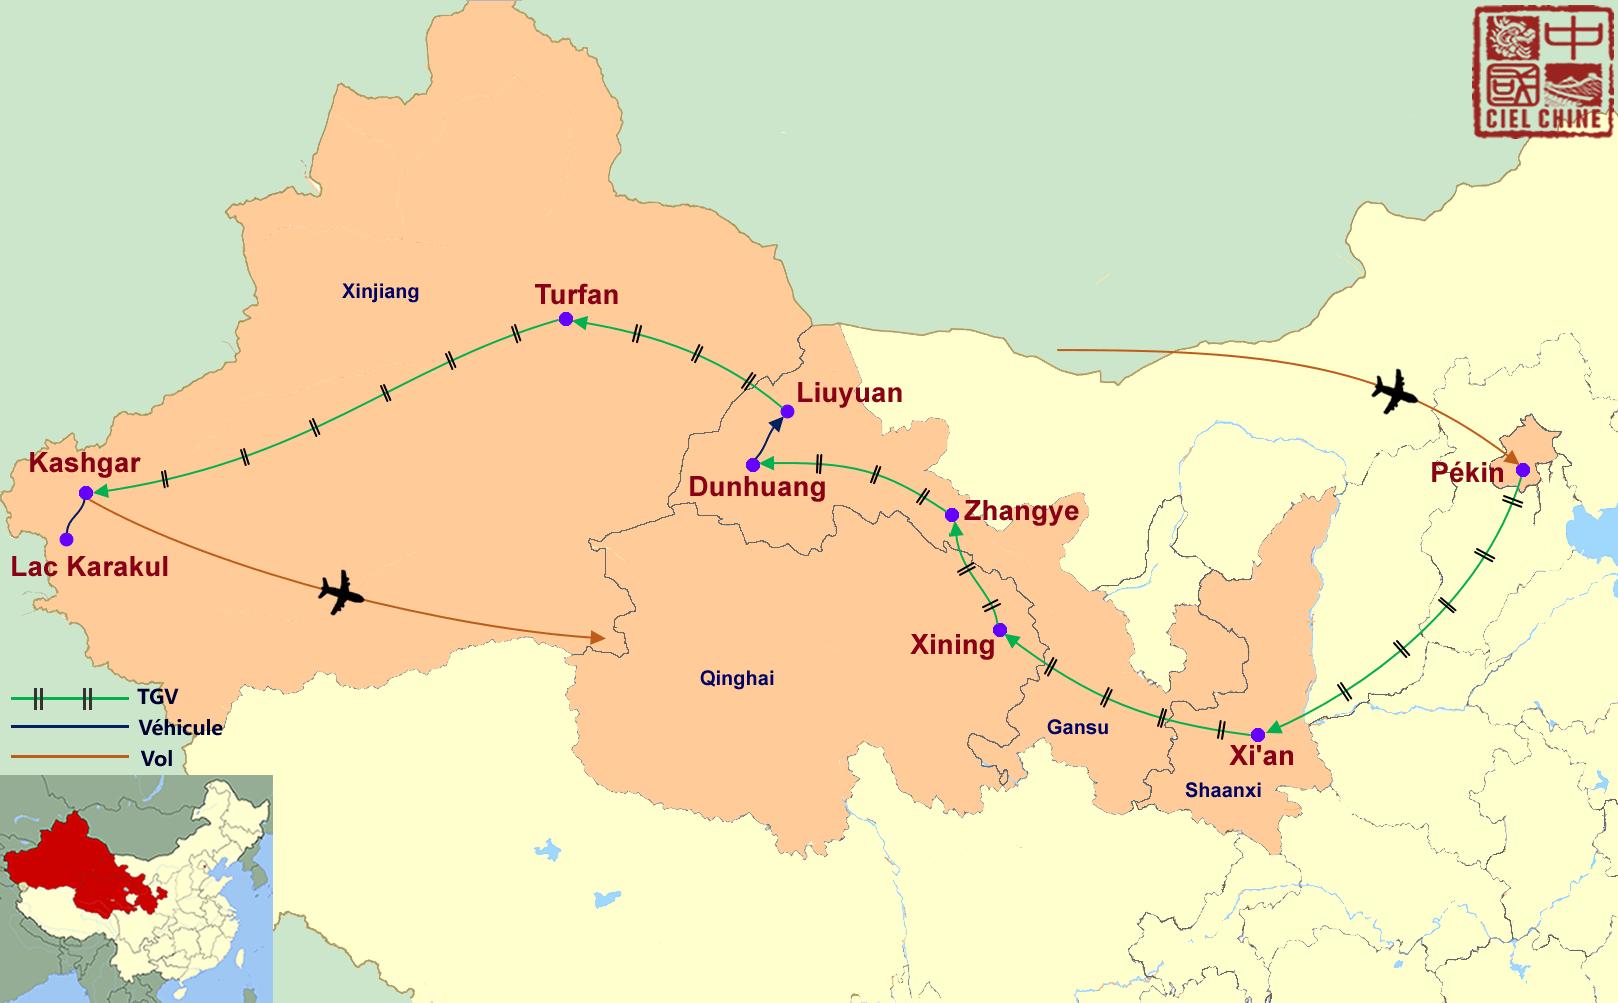 La carte du circuit de la route de la soie en Chine – De Kashgar à Xi'an-deux semaines et plus